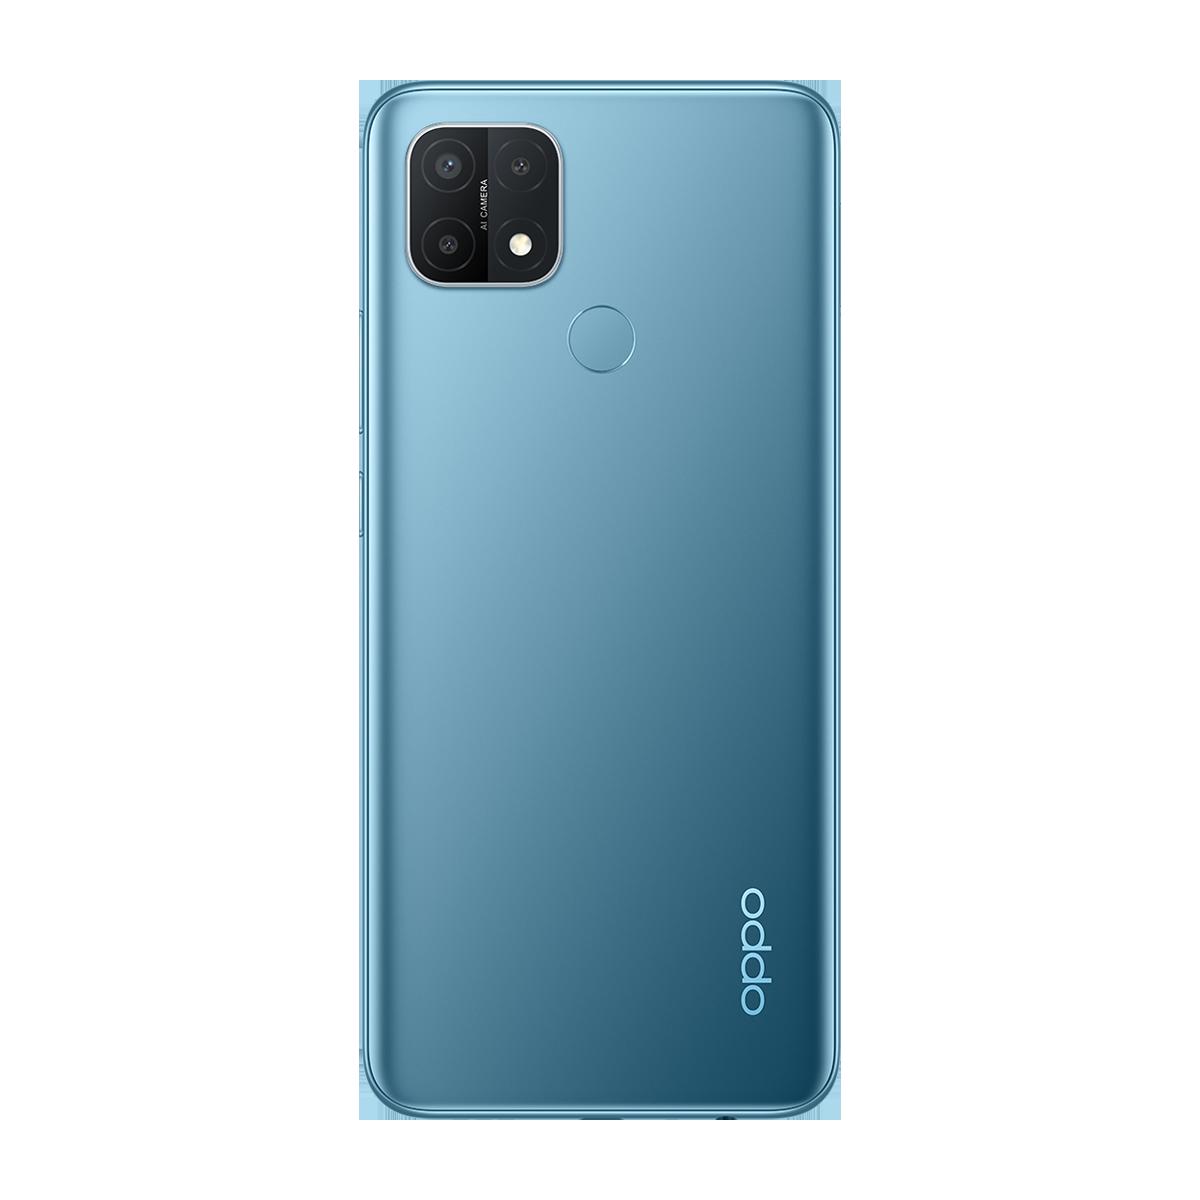 Yüksek Hafıza ve Dayanıklı Pil Gücü: Oppo A15S 64 GB Cep Telefonu